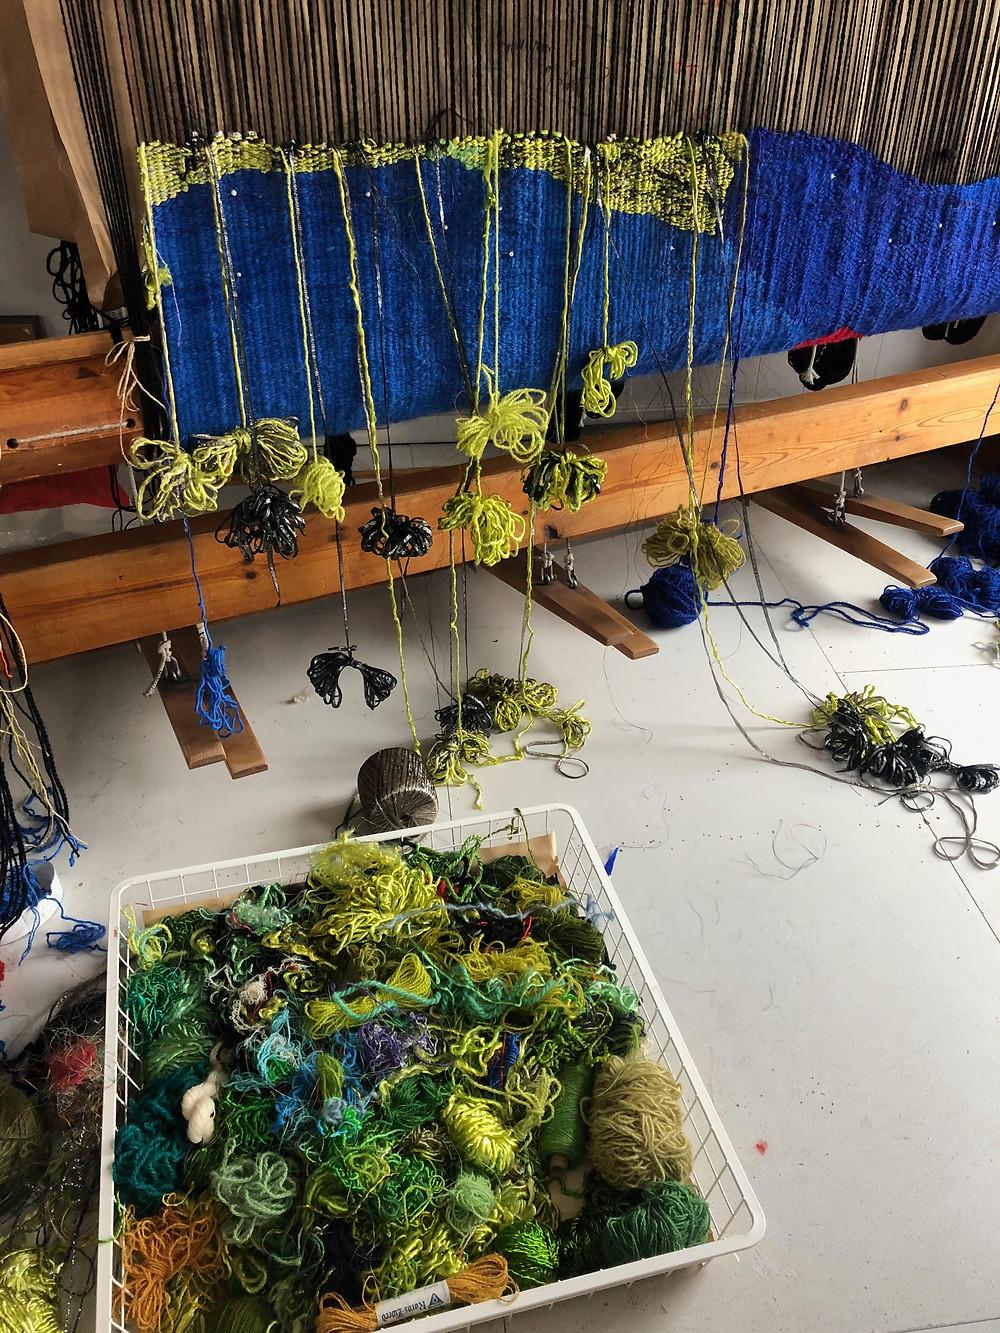 Mye arbeid ligger bak utvelgelse av garn og farger før store og små kunstverk er ferdig i veven. (Foto: Åse Frøyshov)